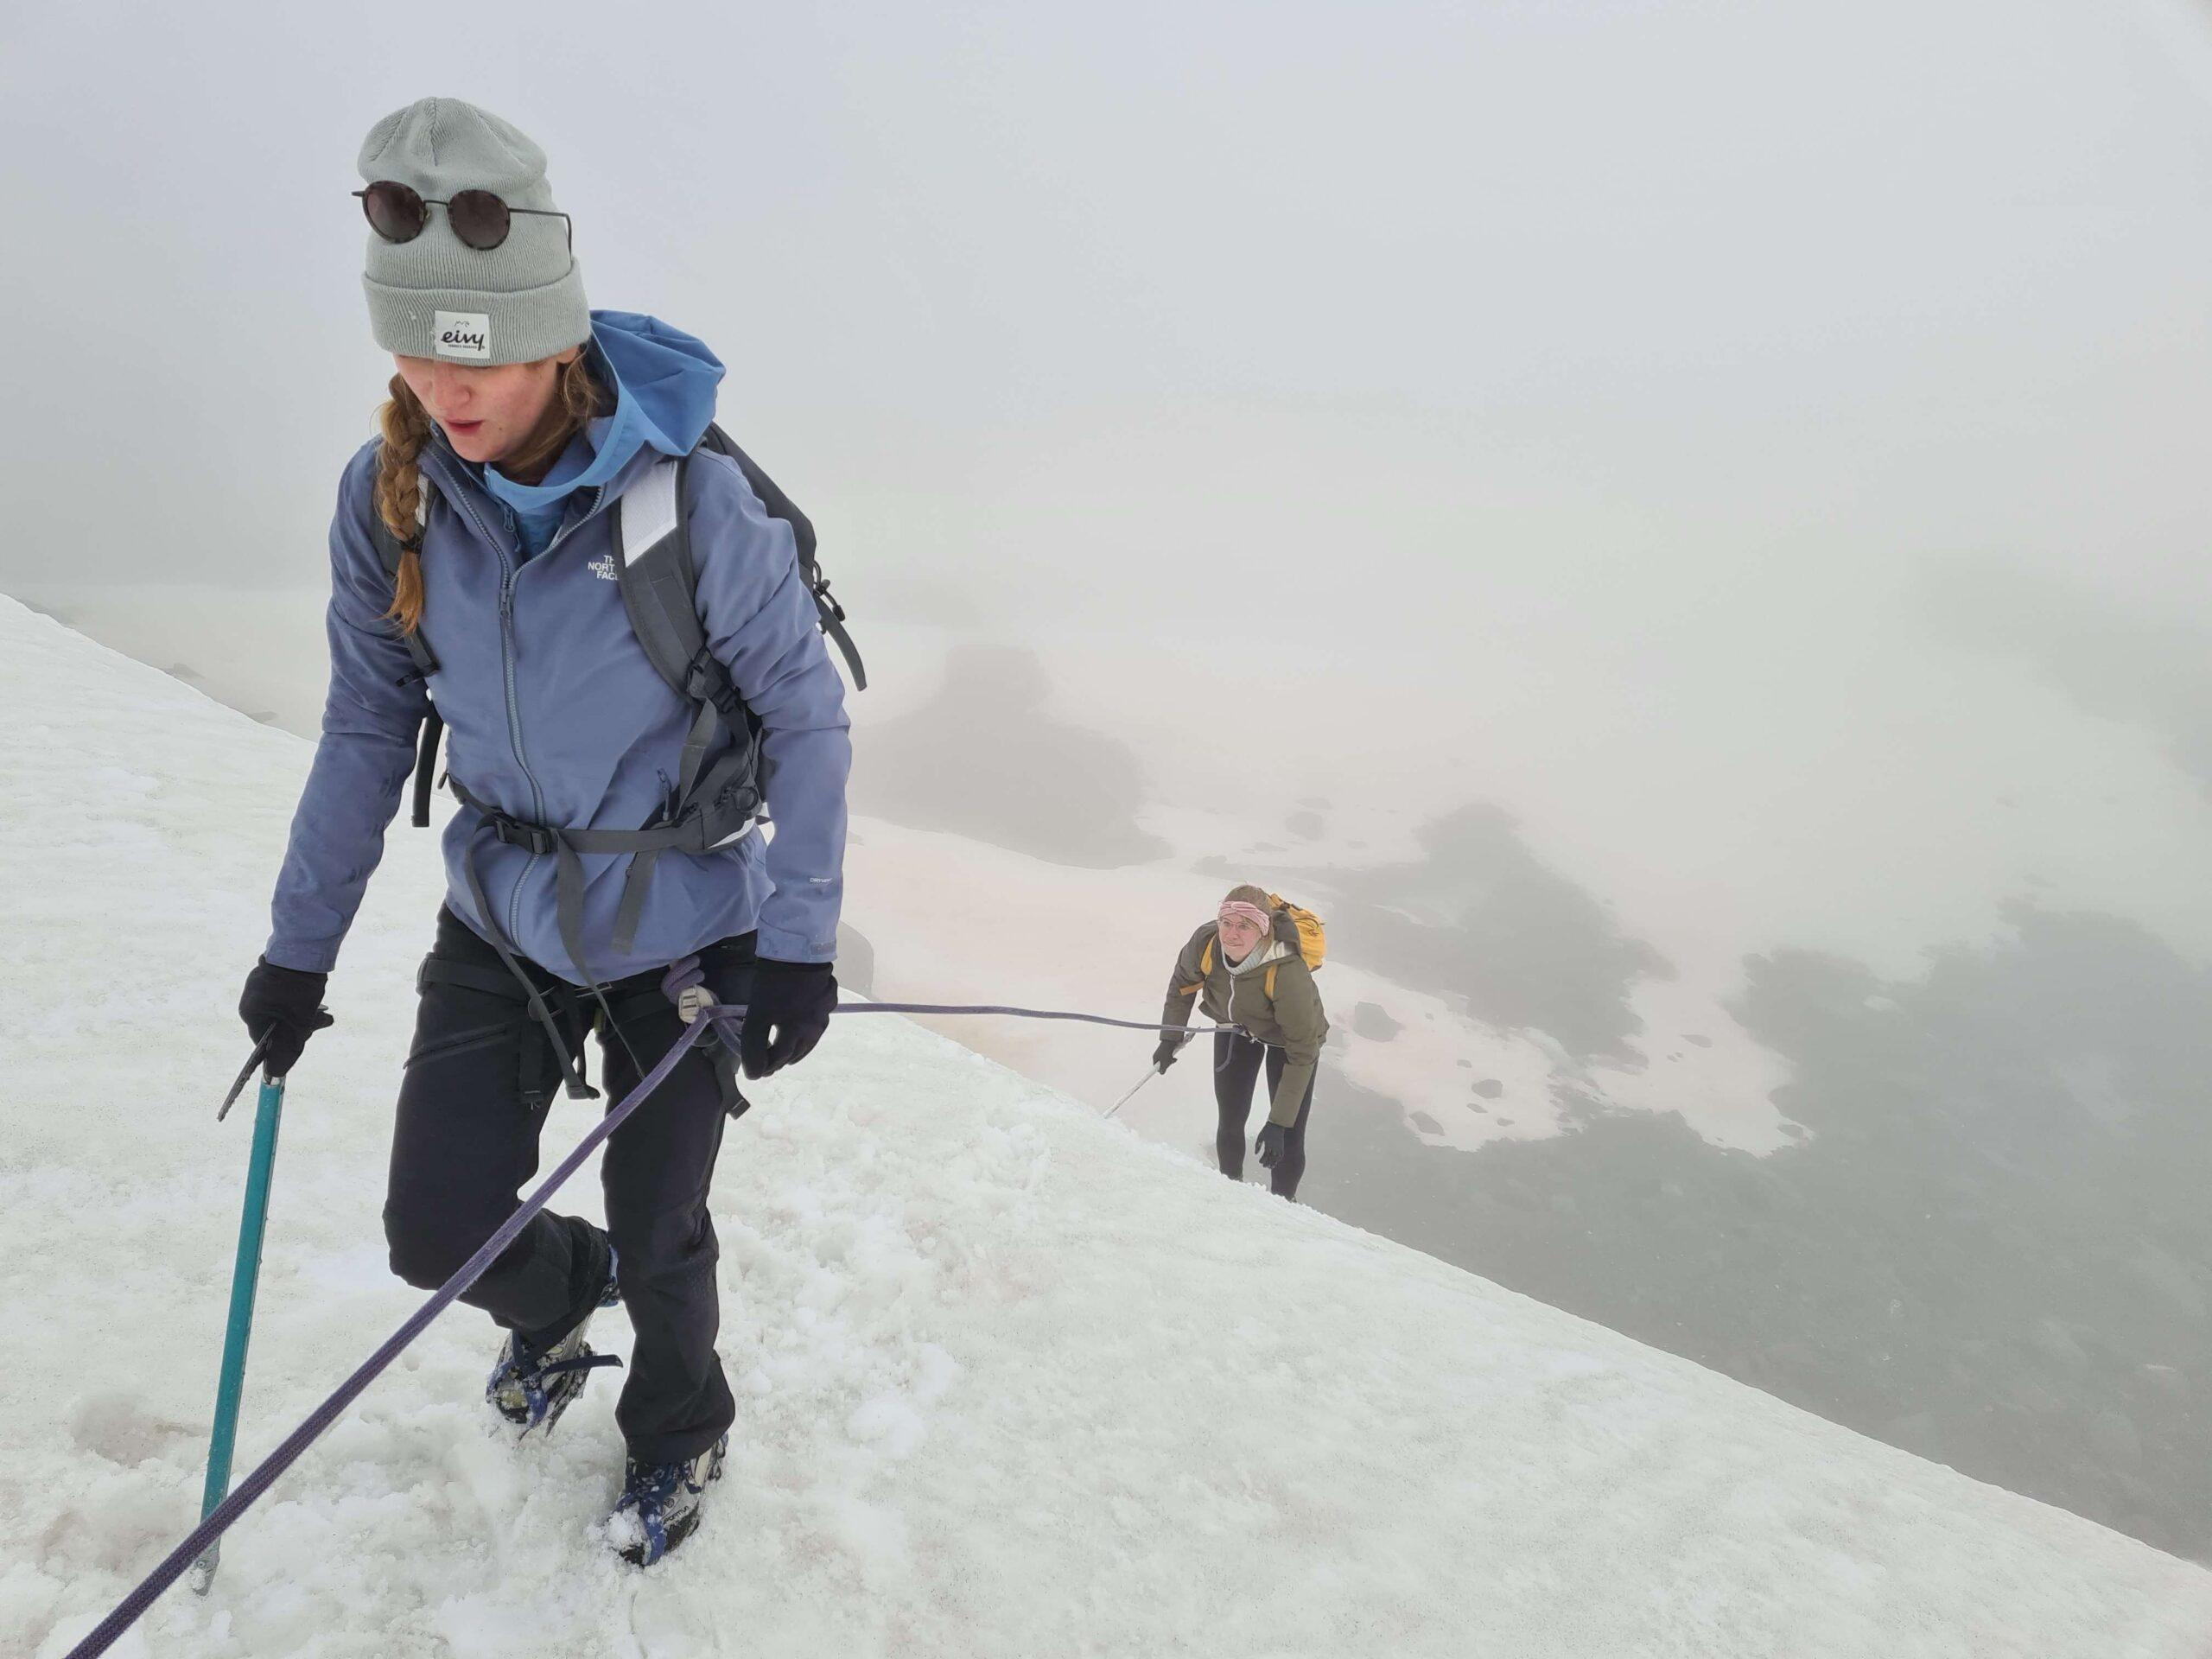 De uitdagingen tijdens de beklimming van de gletsjer in Val Thorens